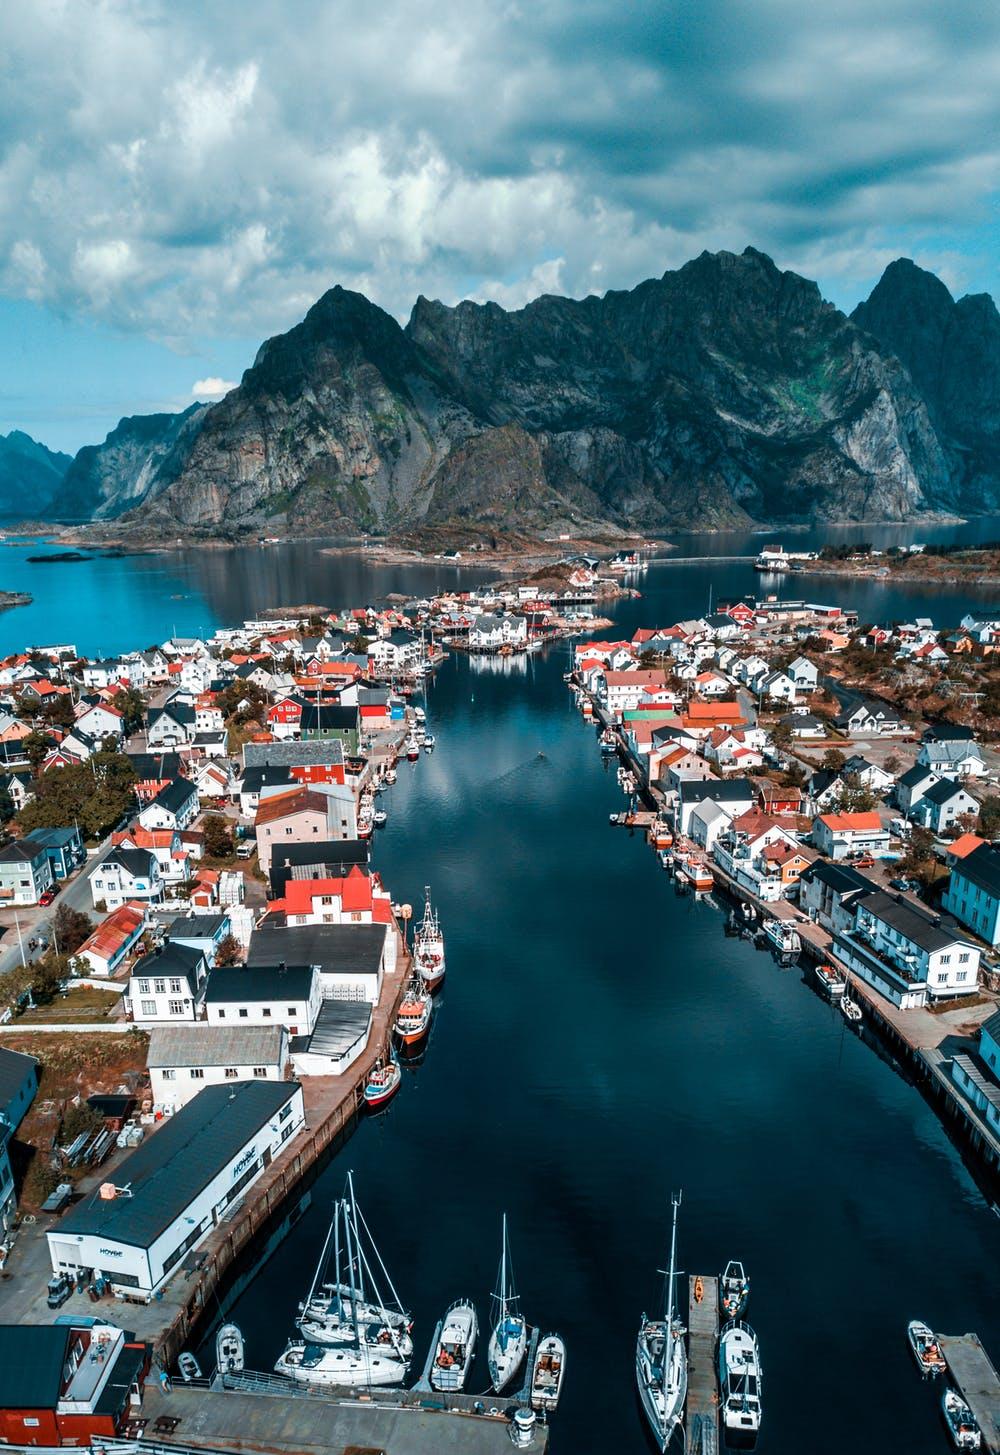 hoteller i norge arbejde kan gøres billigt